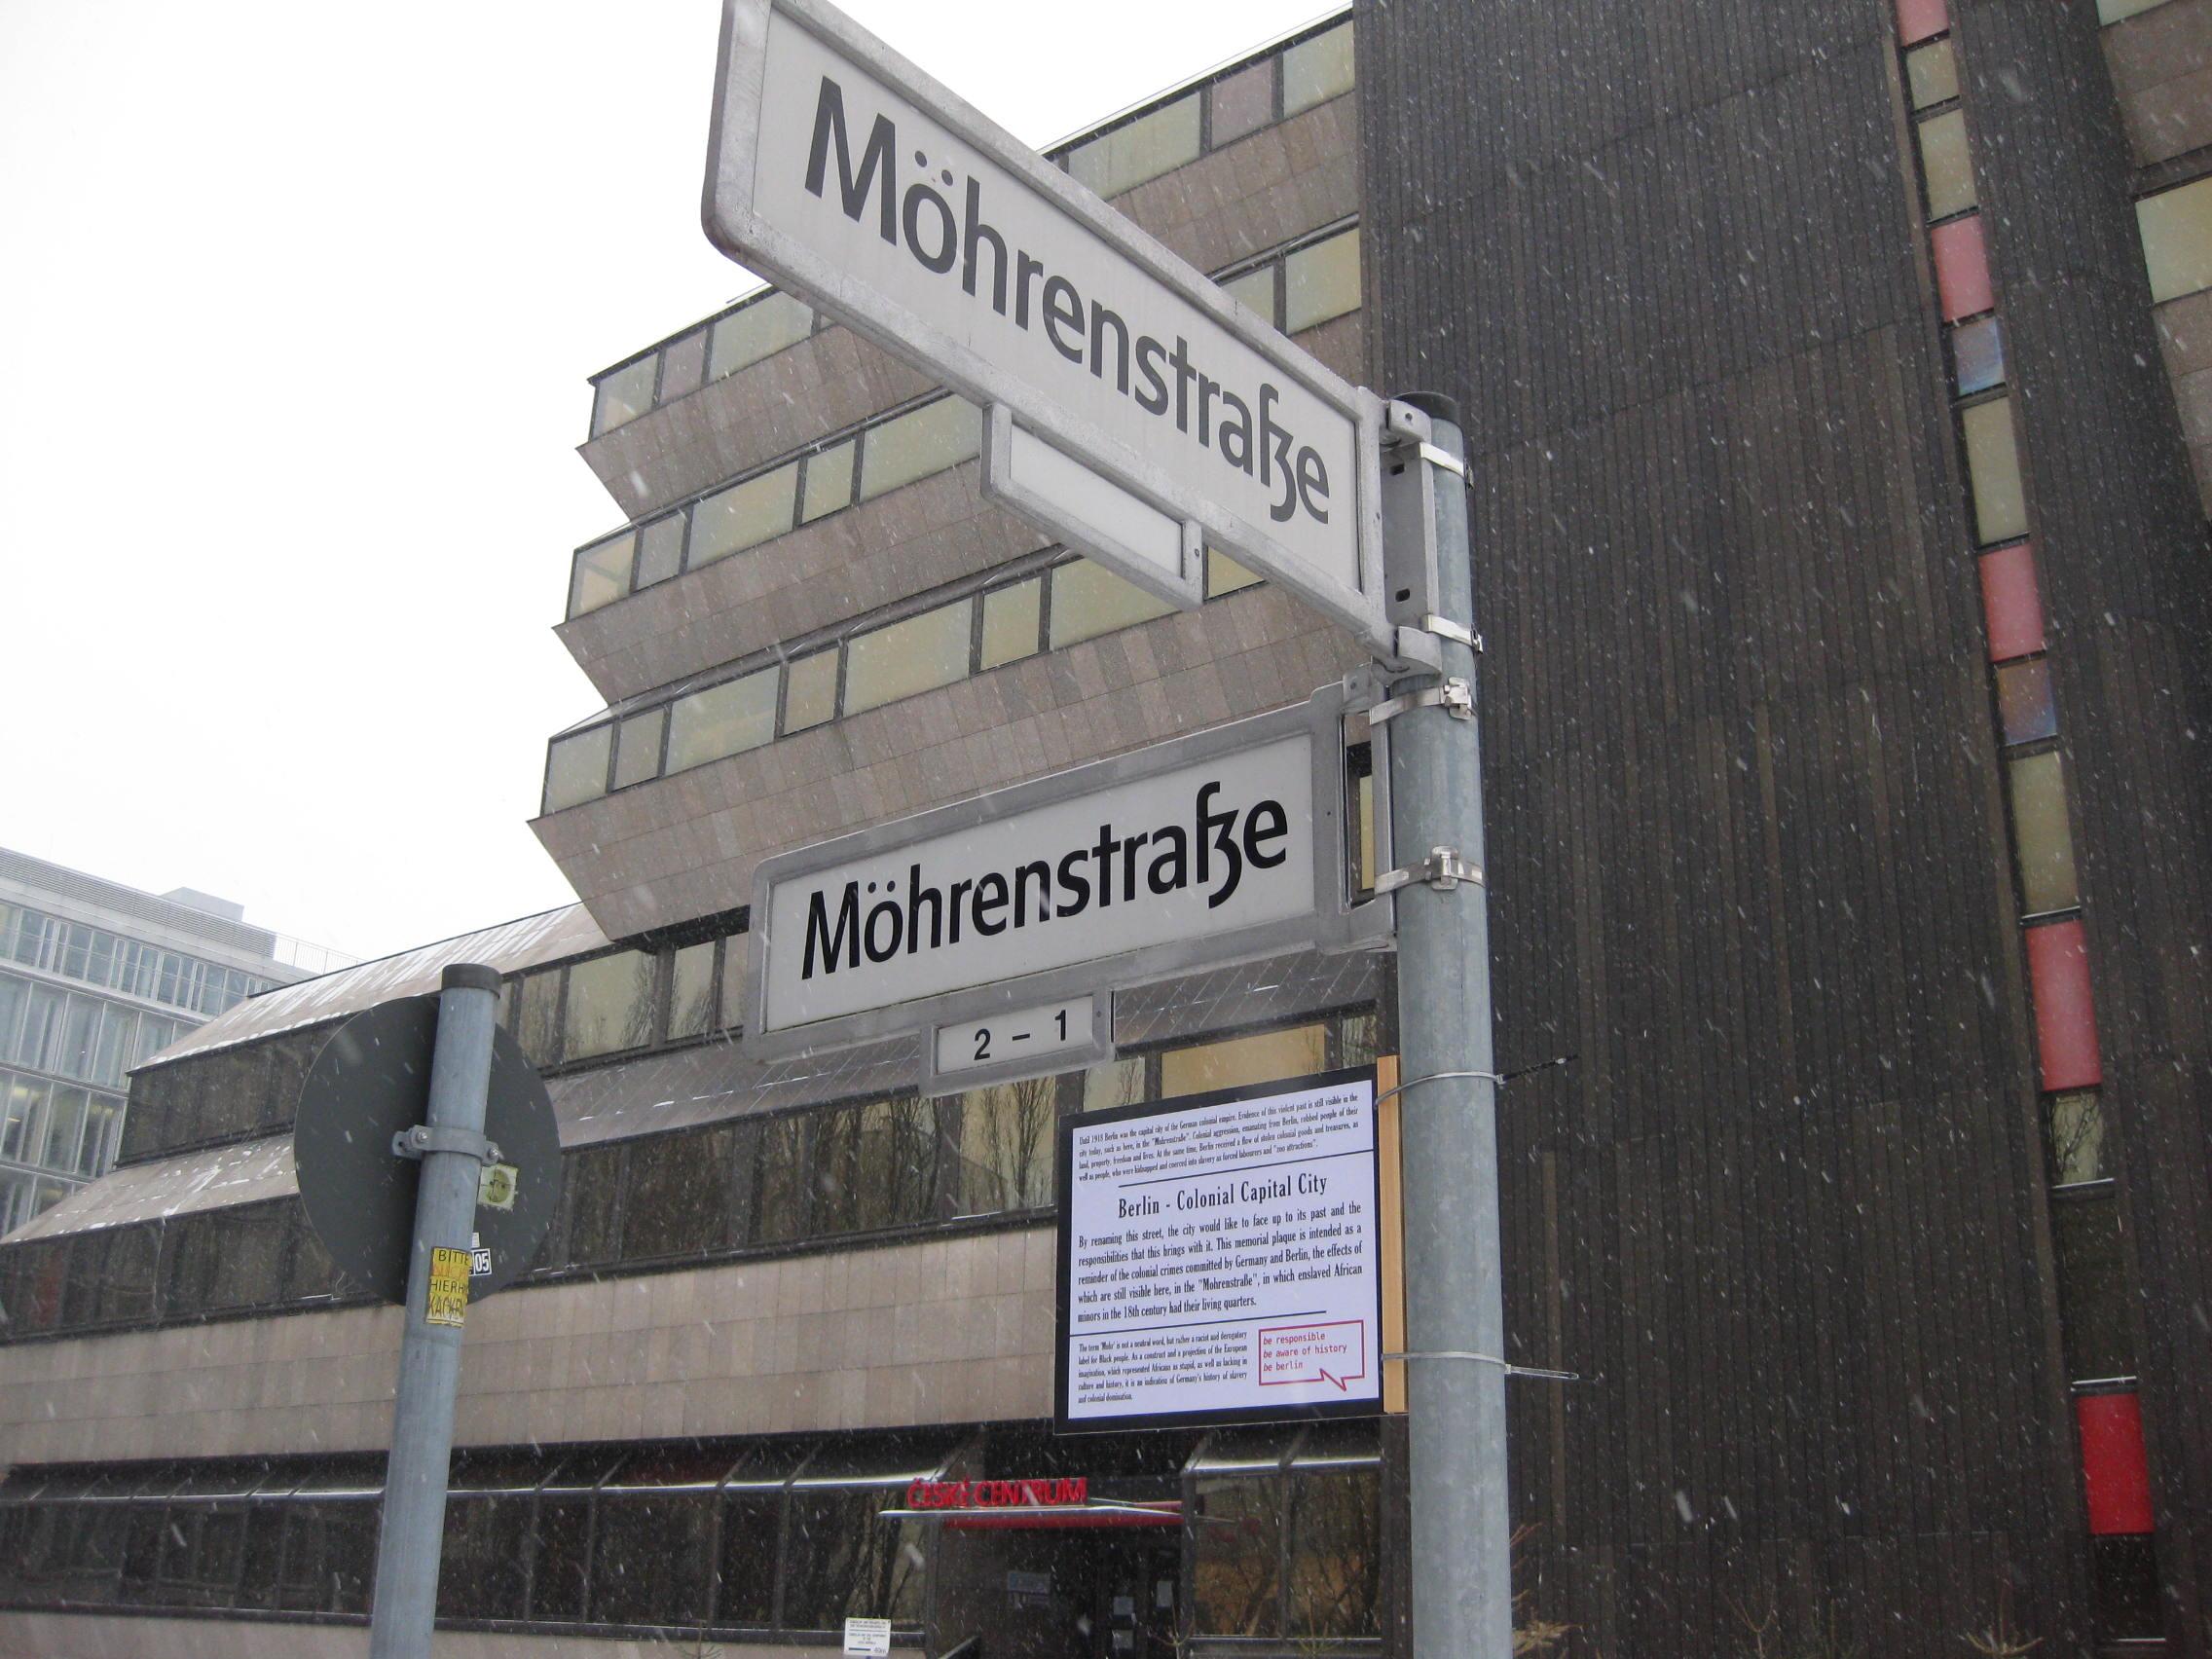 Verändertes Straßenschild in der M-Street 2014